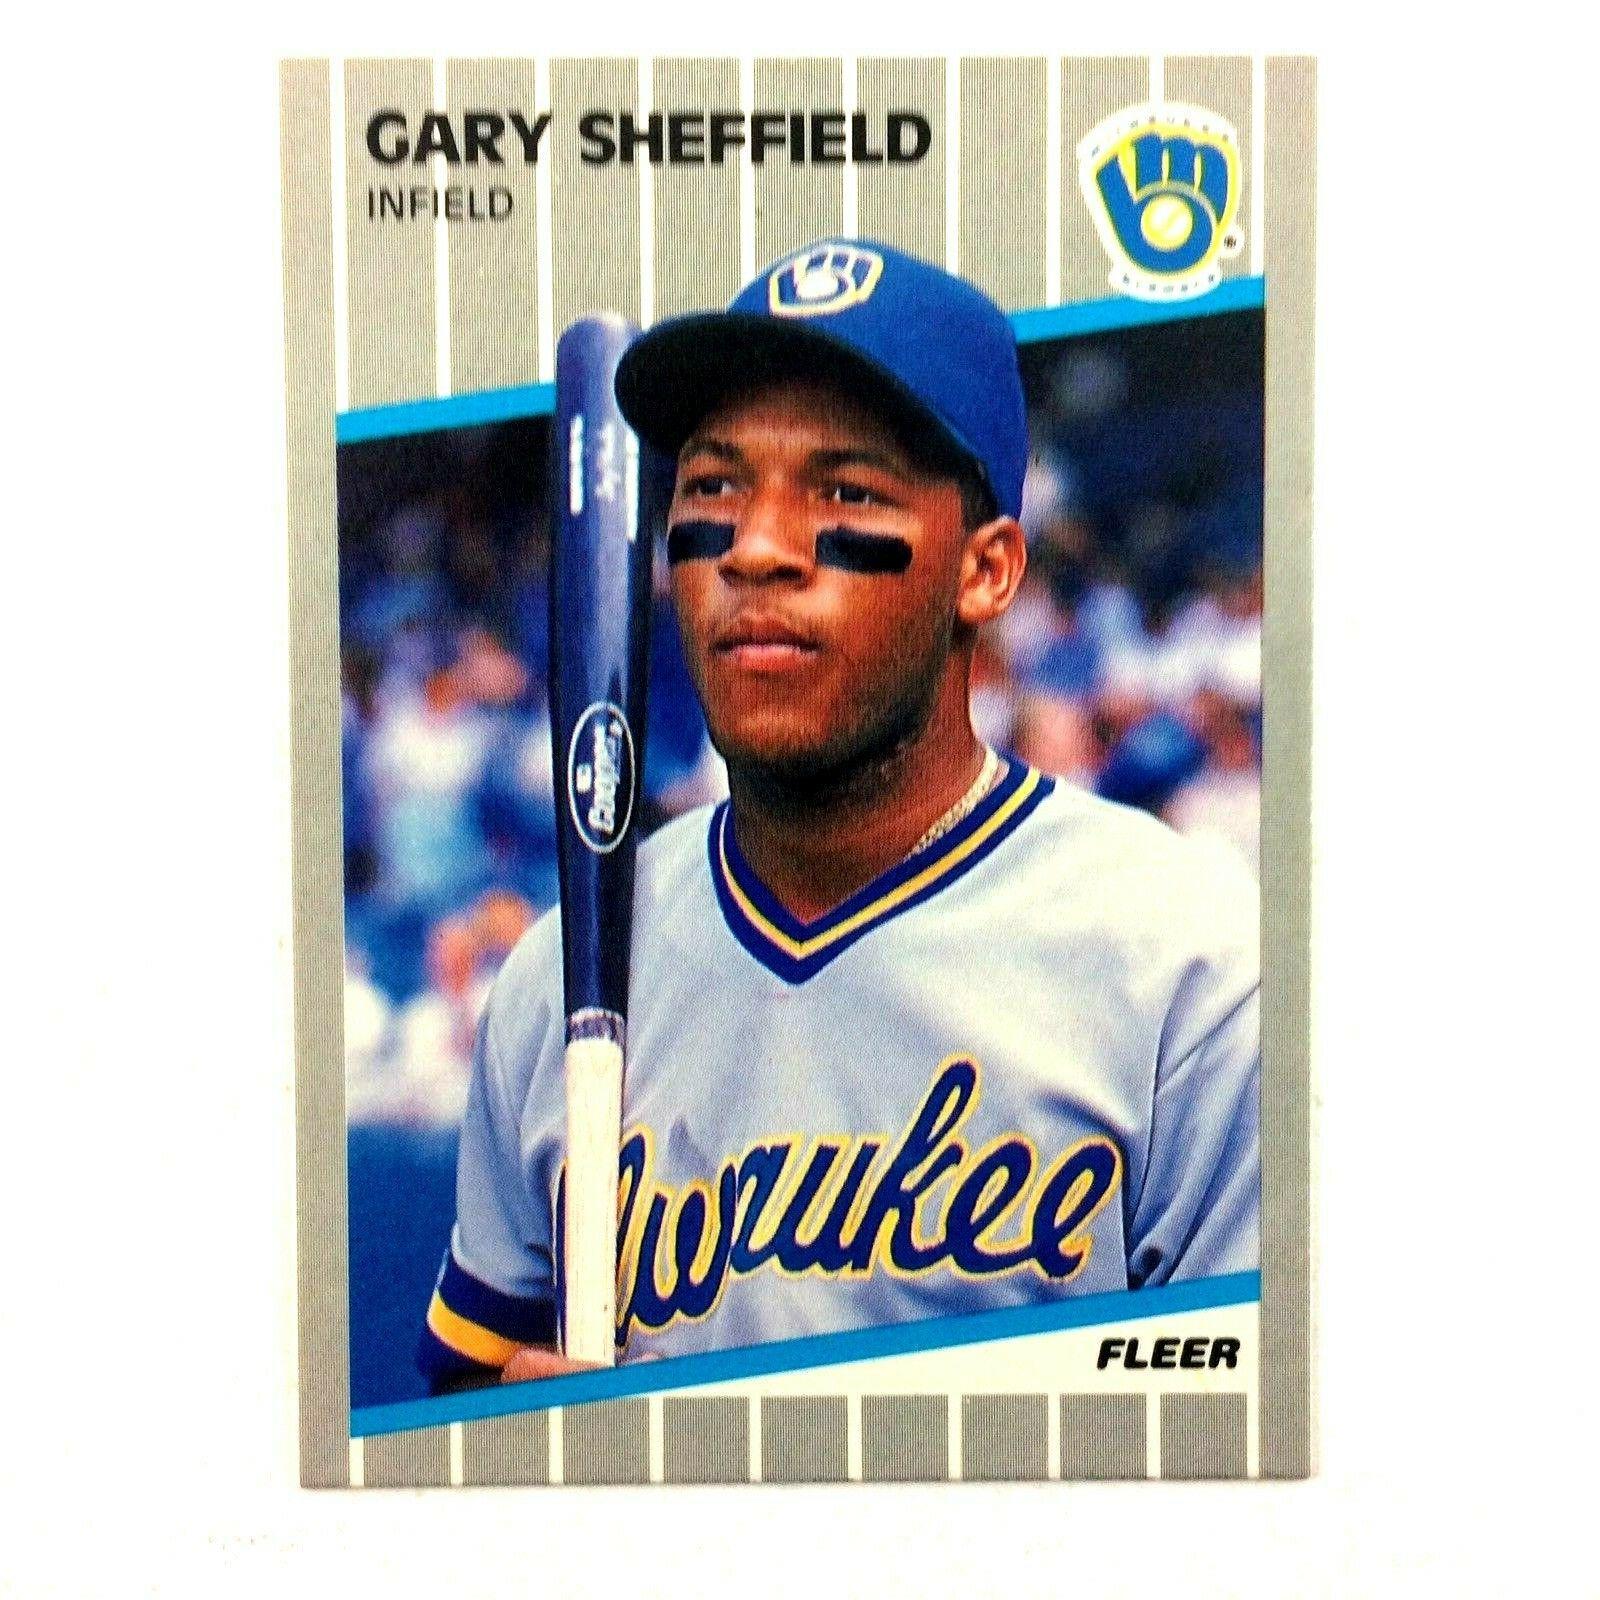 Gary Sheffield 1989 Fleer Rookie Card #196 MLB HOF Milwaukee Brewers - $1.93